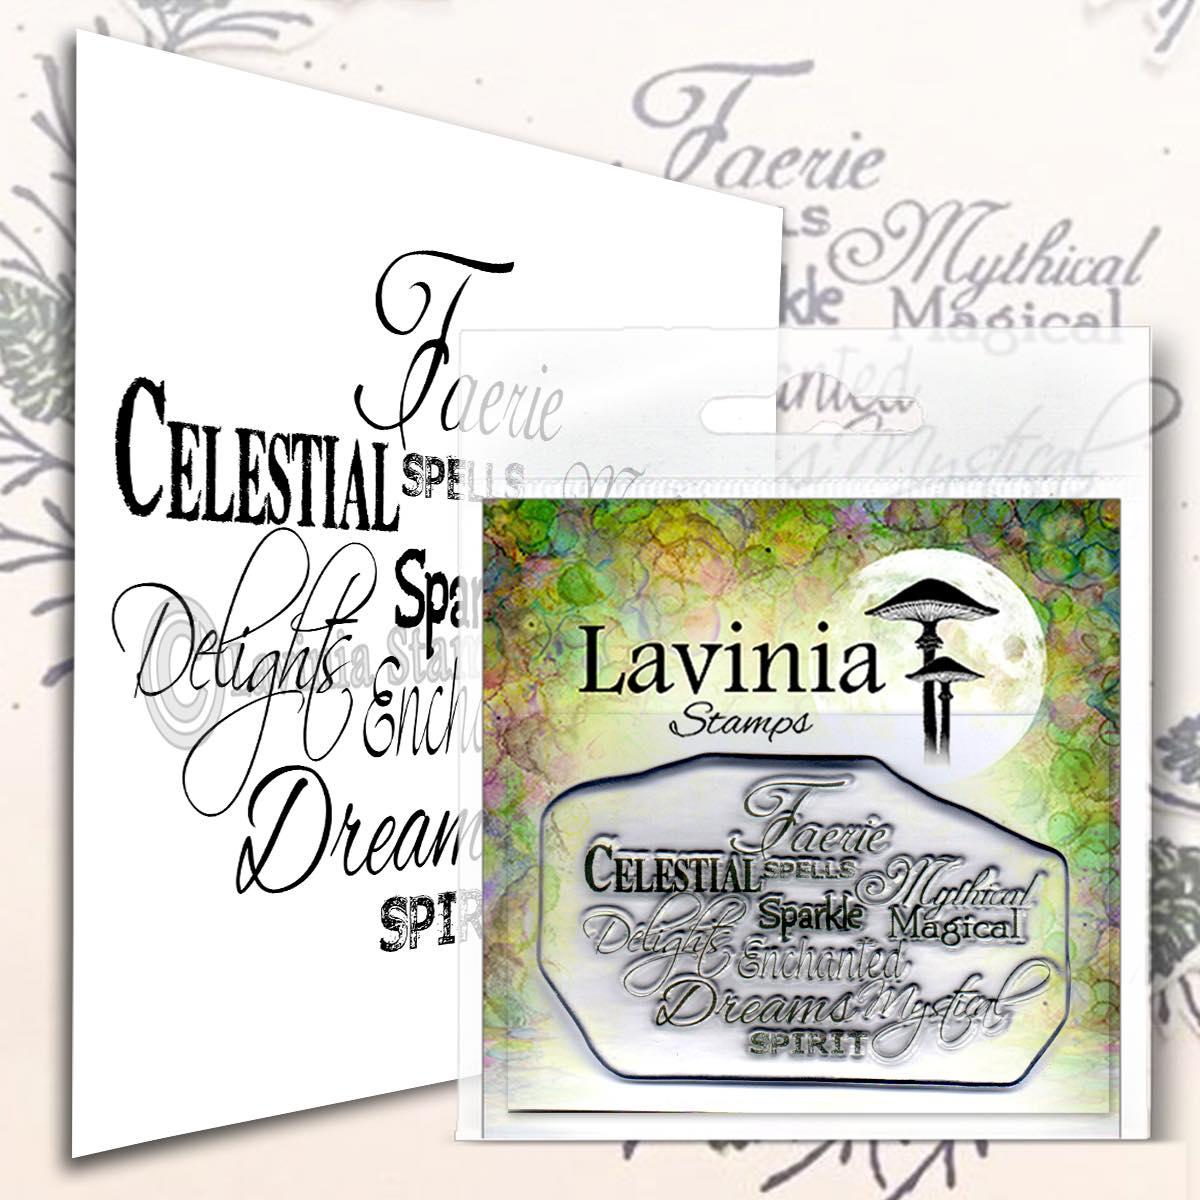 Lavinia Stamps - Faerie Spells Stamp